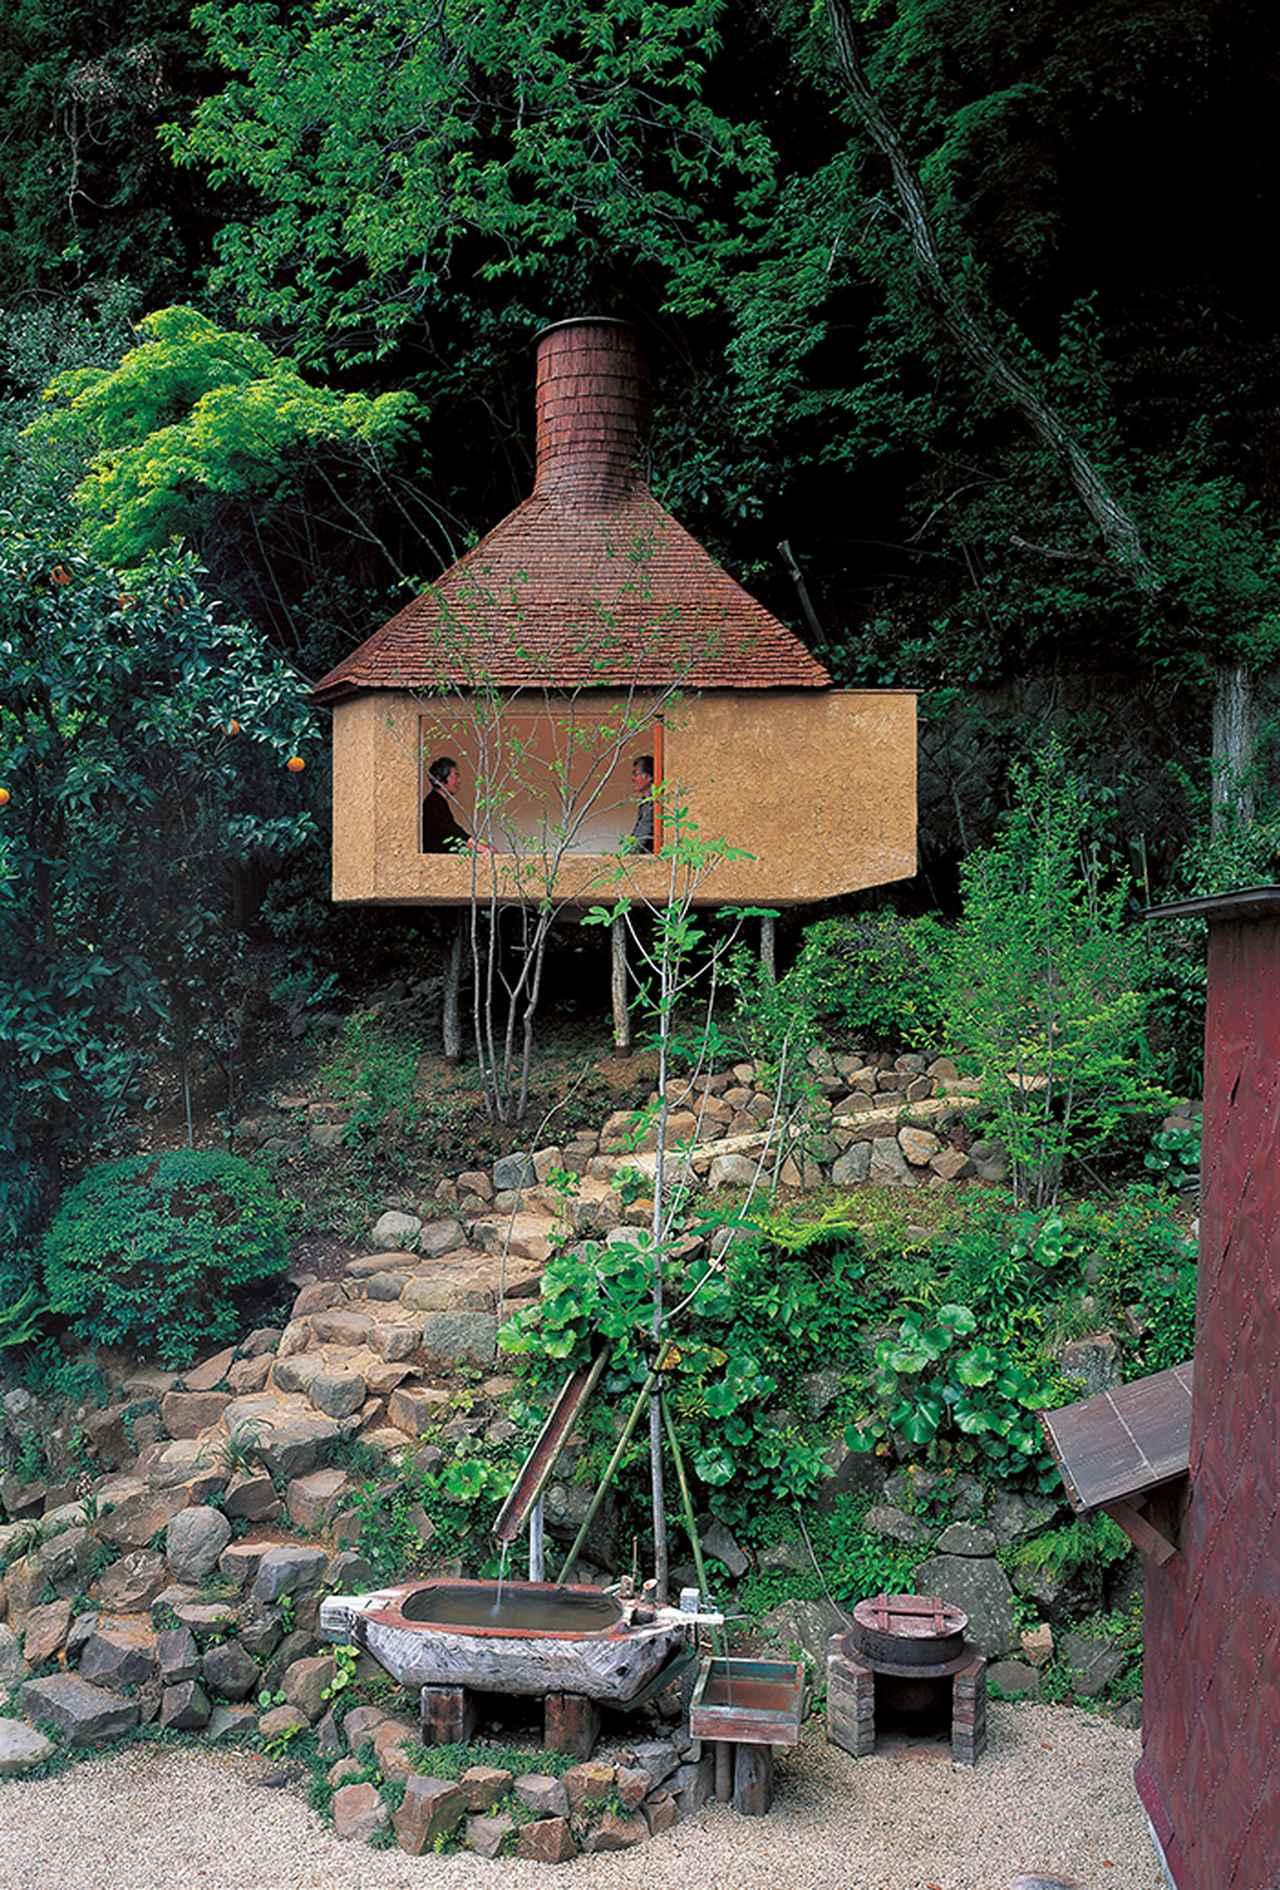 Images : 10番目の画像 - 「アーティストには 茶室が必要である」のアルバム - T JAPAN:The New York Times Style Magazine 公式サイト